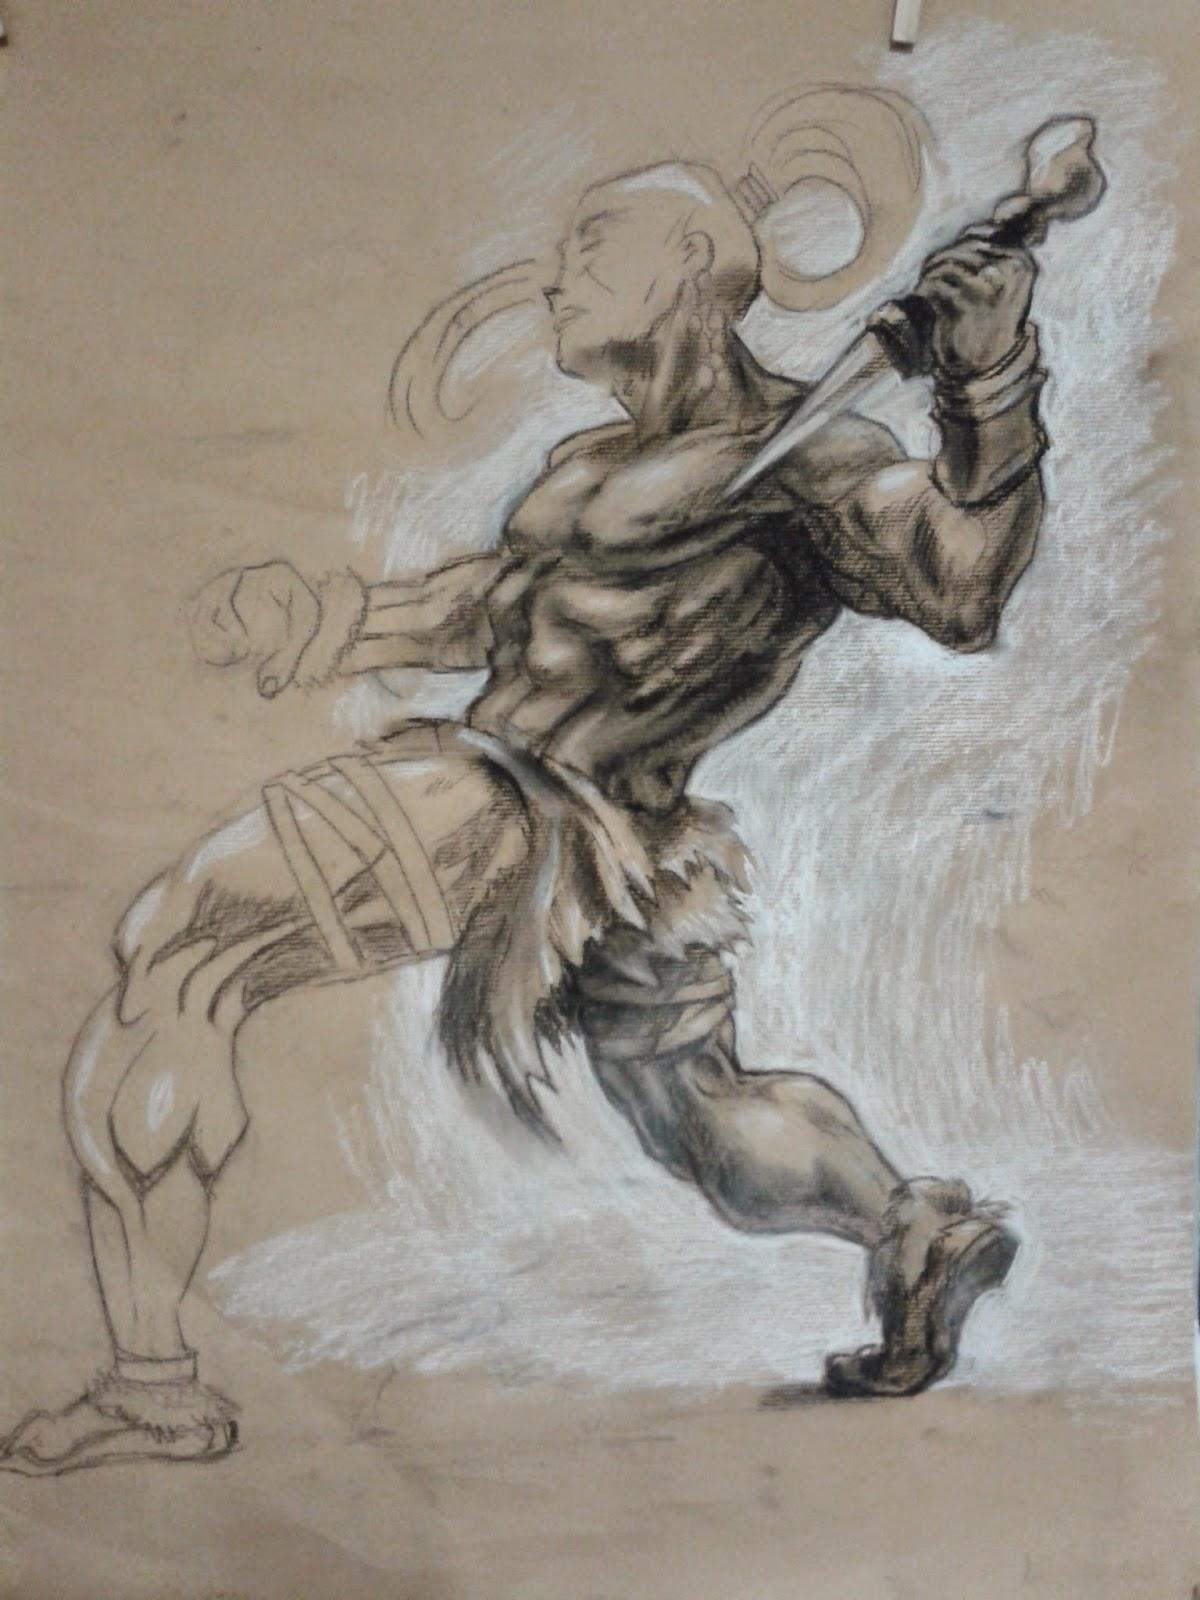 warrior tekenen, krijger tekenen, character design, figuur tekenen, spieren tekenen, character, tekenles, dynamische symmetrie, anatomie, Christopher Hart, spierbundels, tekenles, schaduwwerking, schaduwen tekenen, tekening,